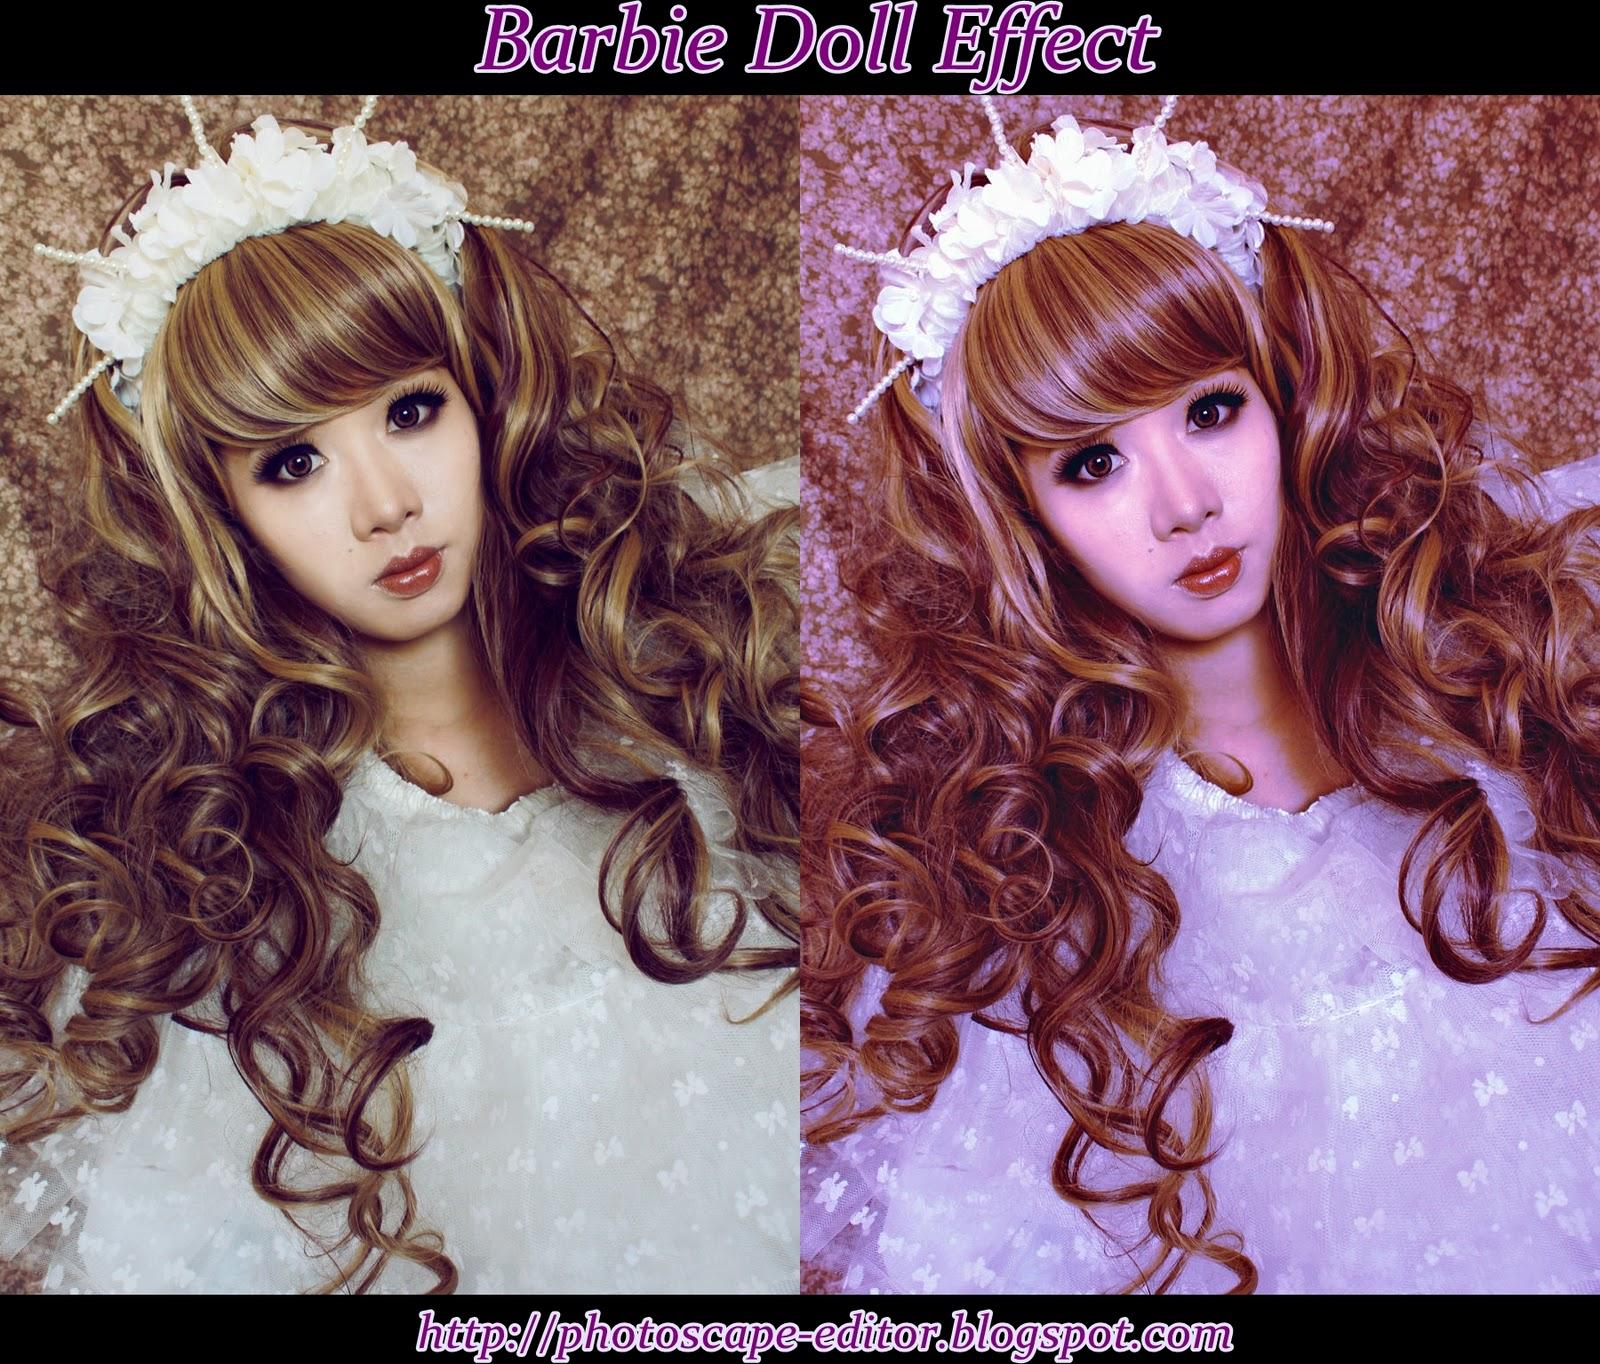 http://3.bp.blogspot.com/-keRHTjFzSL8/TrgOnnP14KI/AAAAAAAADWo/CwYaZSglbOQ/s1600/barbie%20doll%20effect.jpg